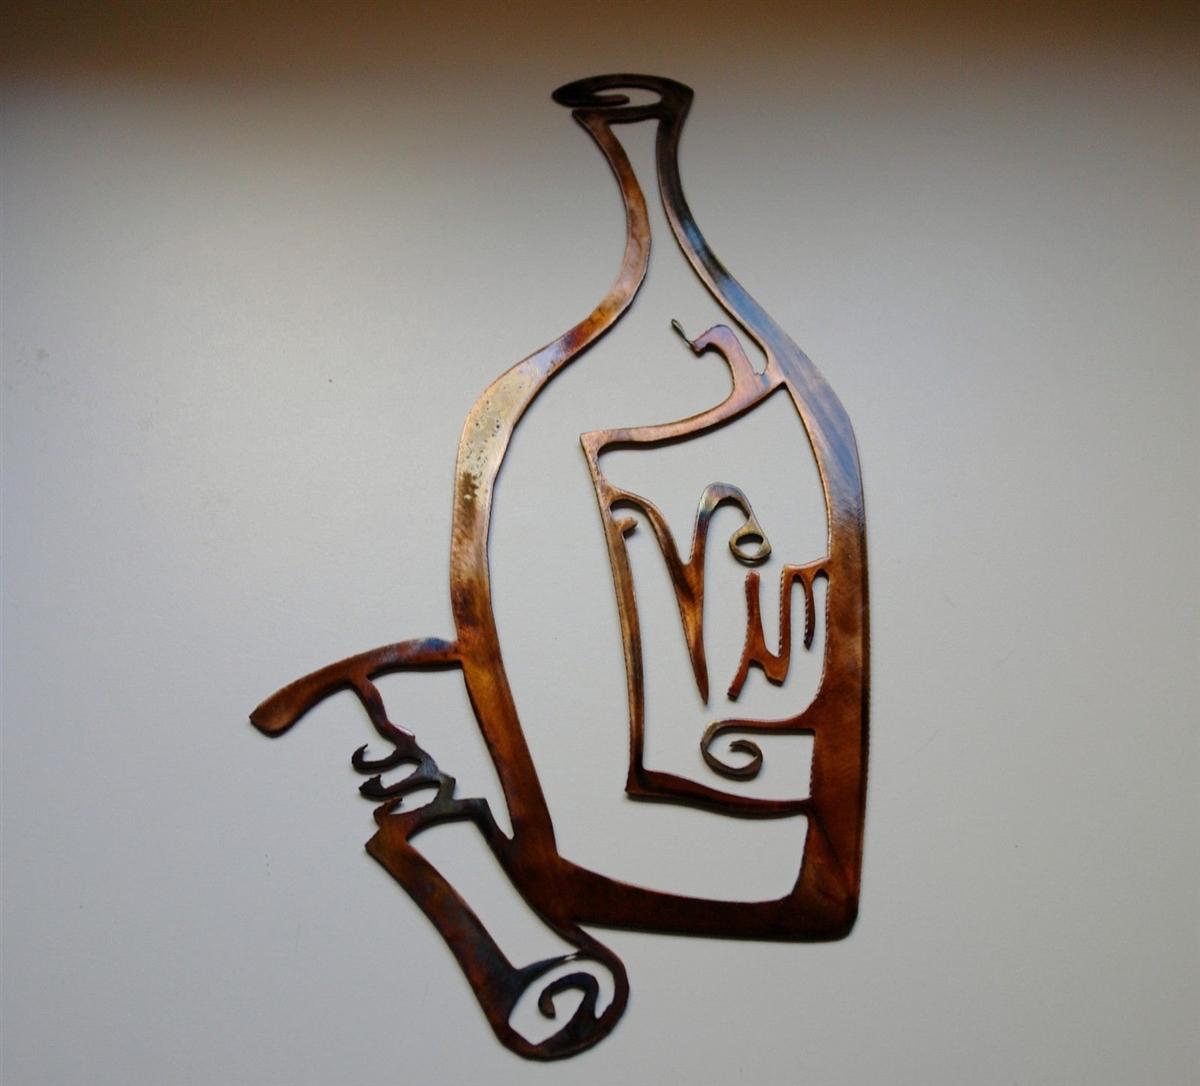 Vino Metal Wall Art Decor Wine Bottle And Opener Copper Bronze